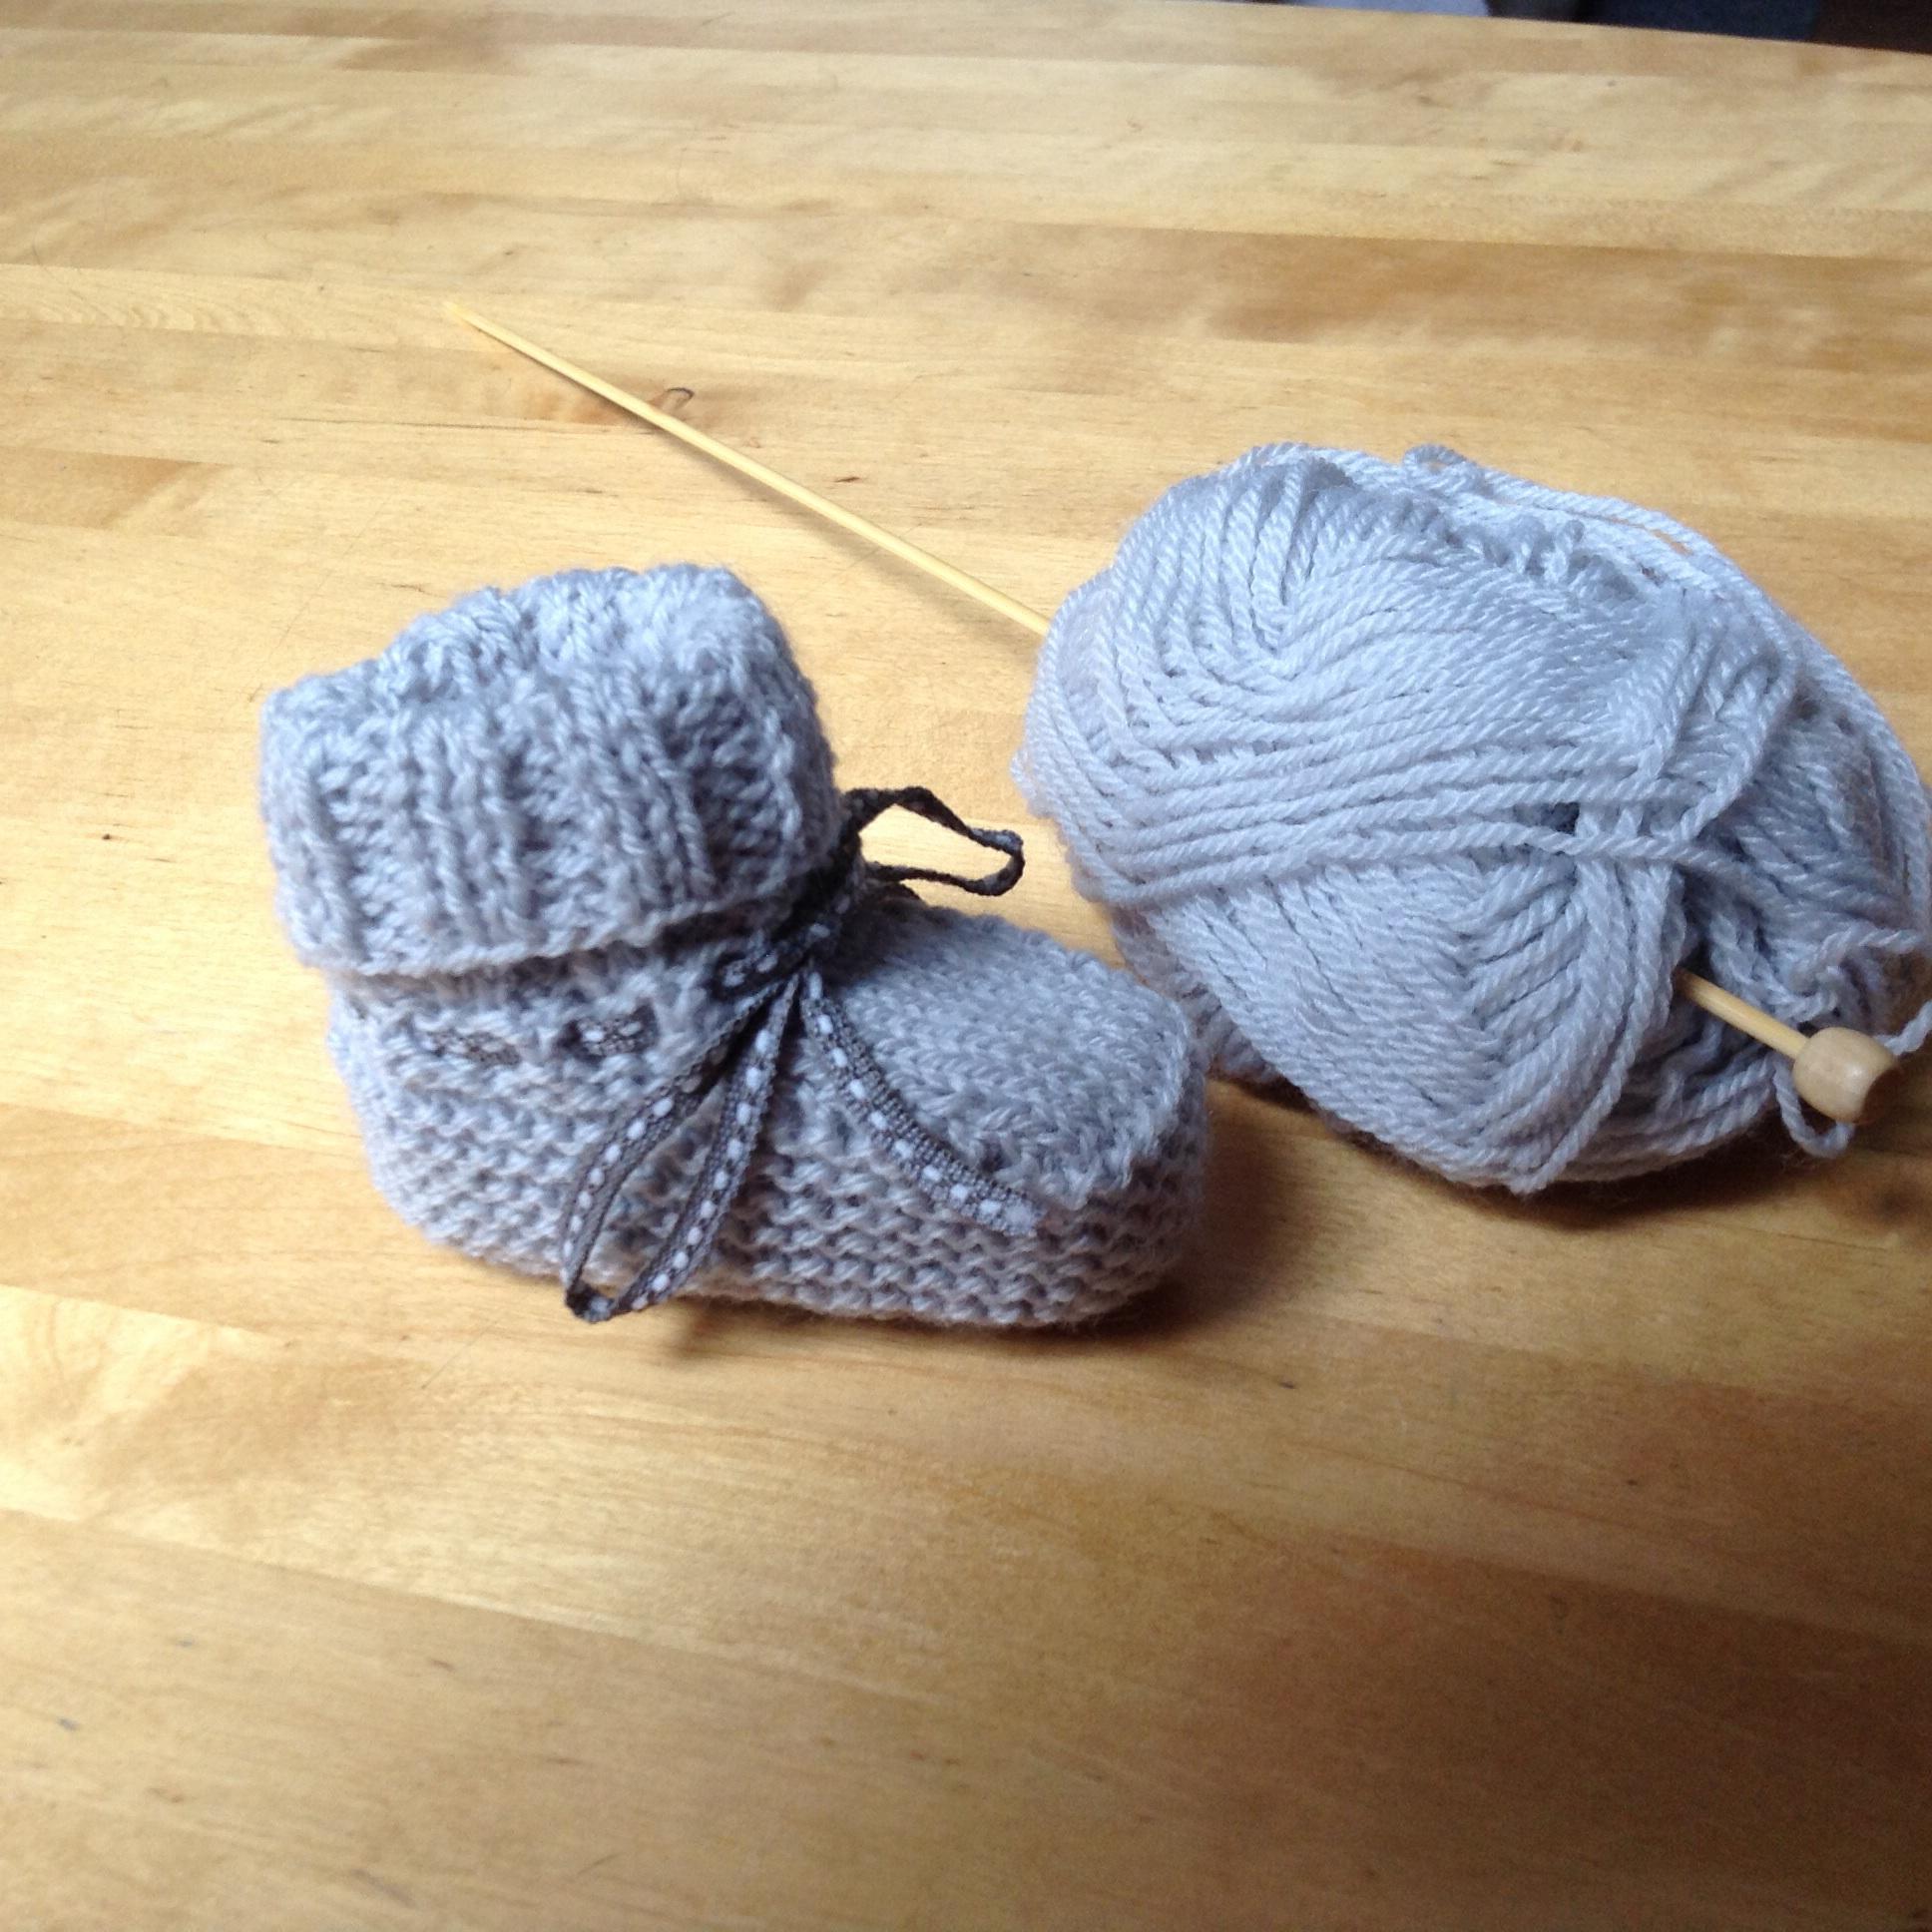 Je veux trouver un joli tricot pour mon bébé ou à offrir pas cher ICI Tuto tricot  bebe 3 mois 842bfe4ebf8